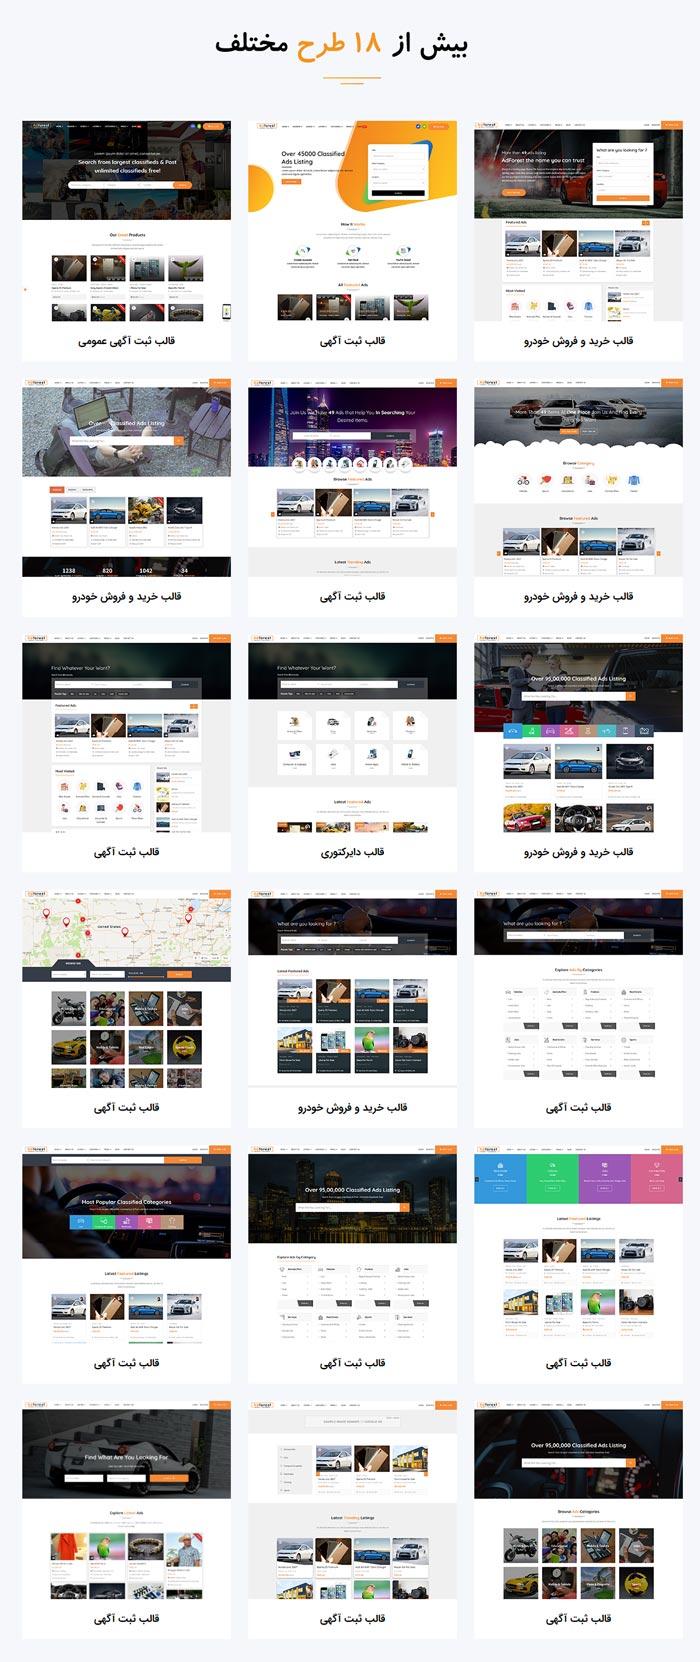 18 طرح صفحه اصلی قالب adforest